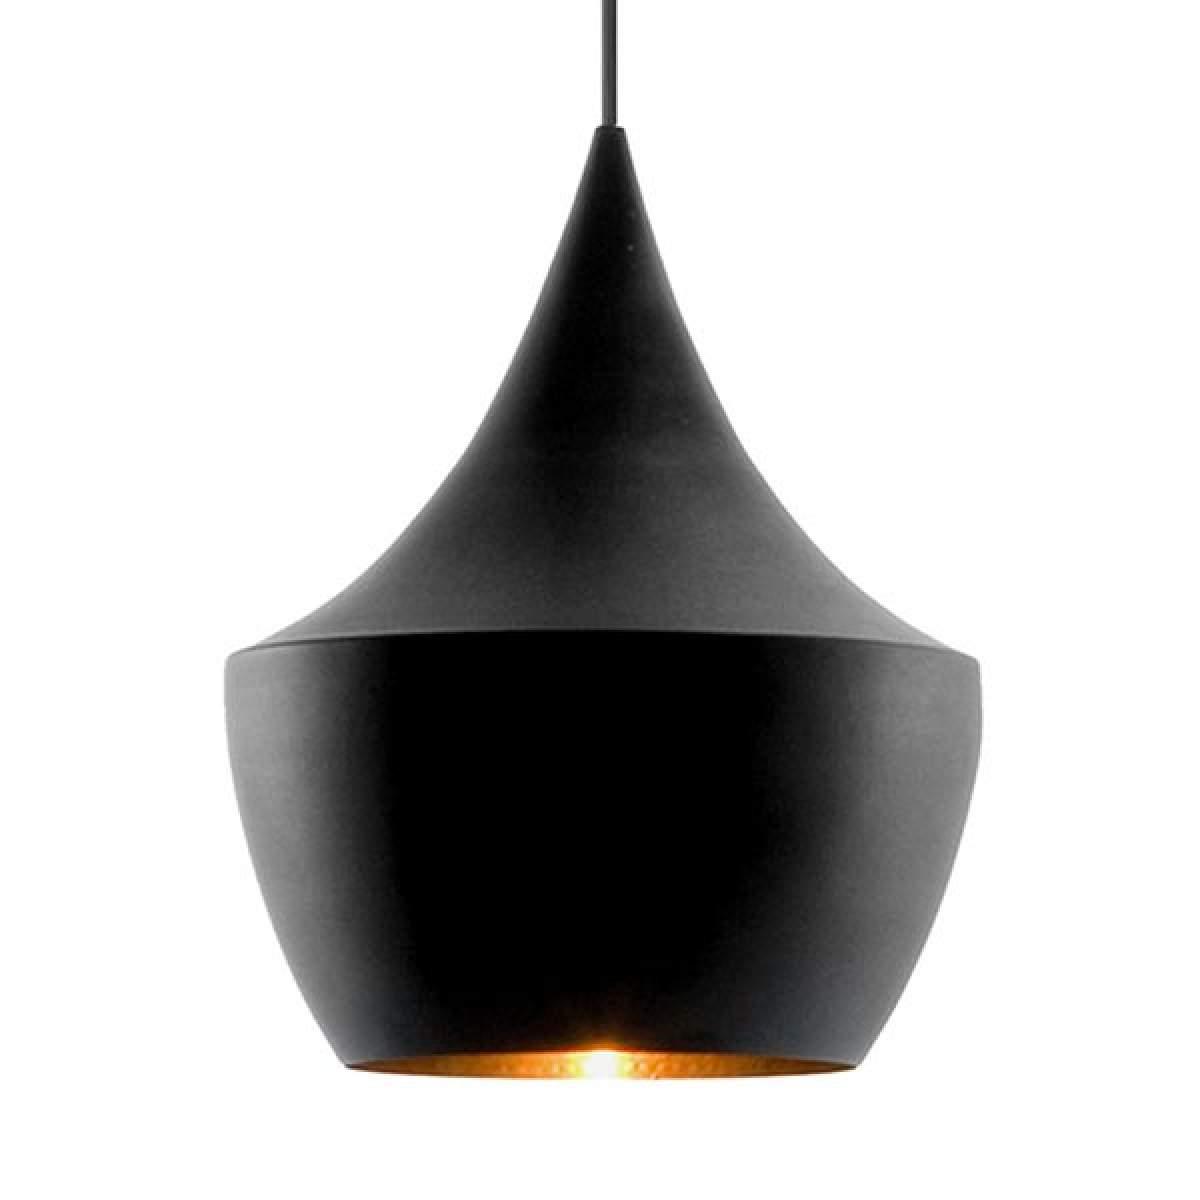 In ottone – lampada a sospensione nera Beat Fat Offerte e sconti